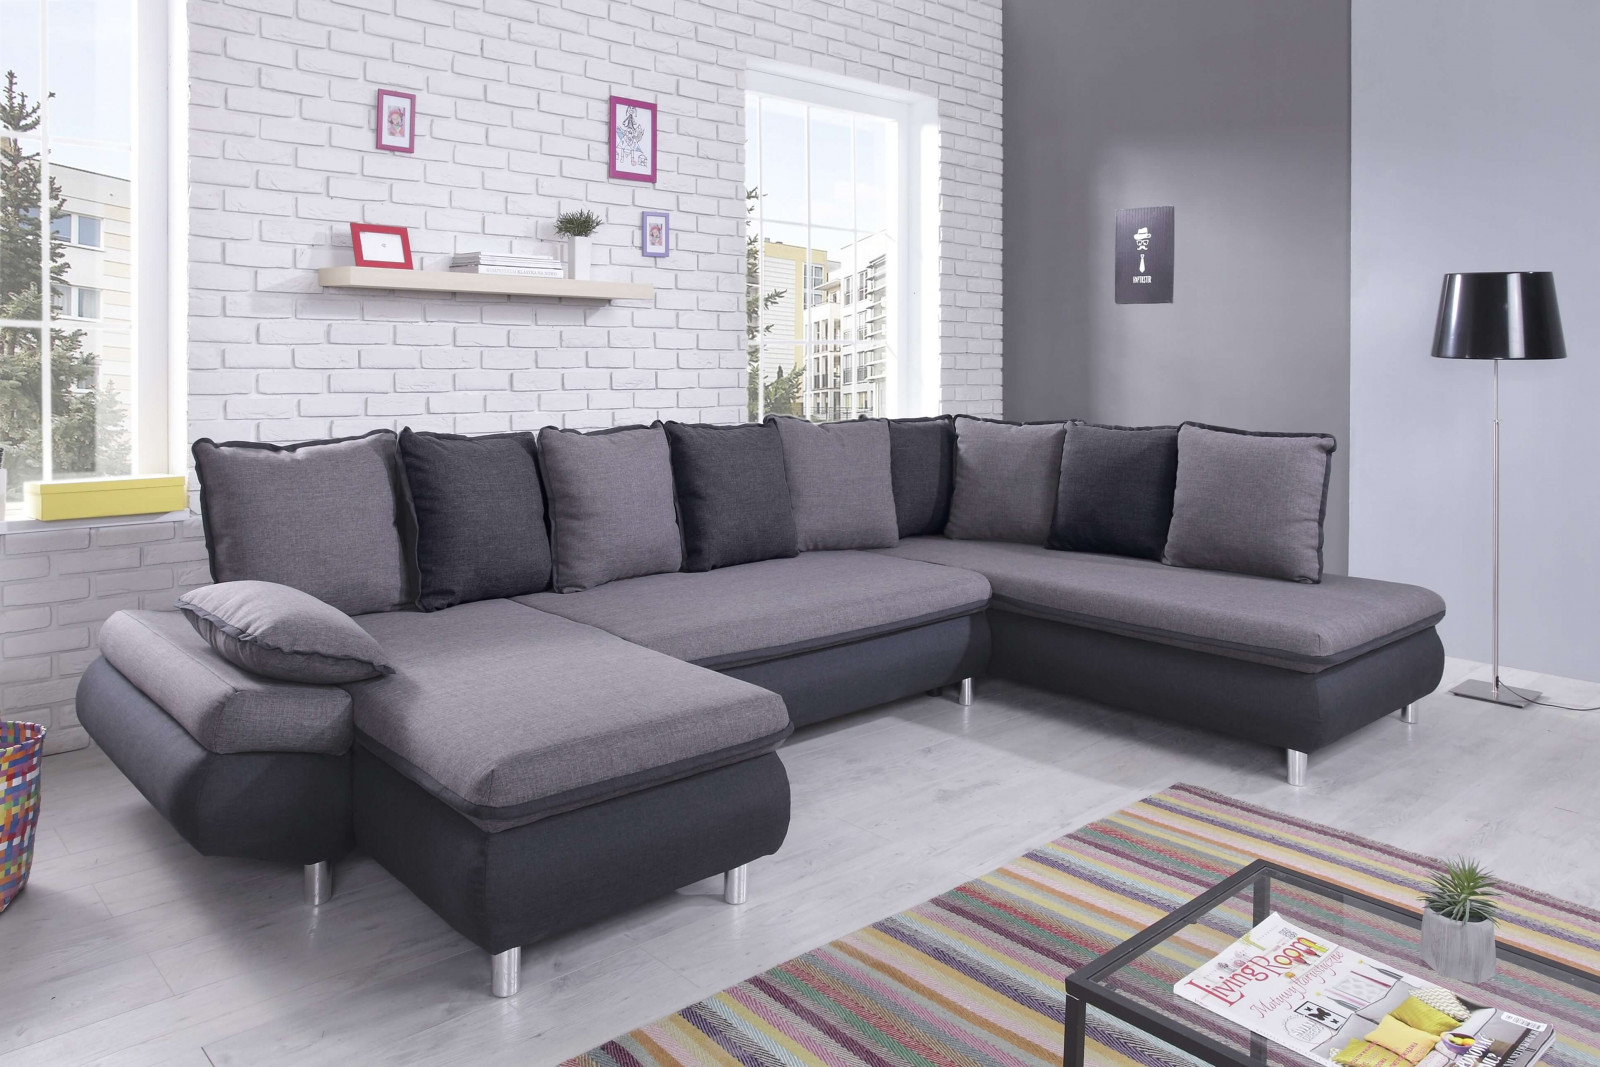 canap en u trendy alma canap duangle u convertible places. Black Bedroom Furniture Sets. Home Design Ideas